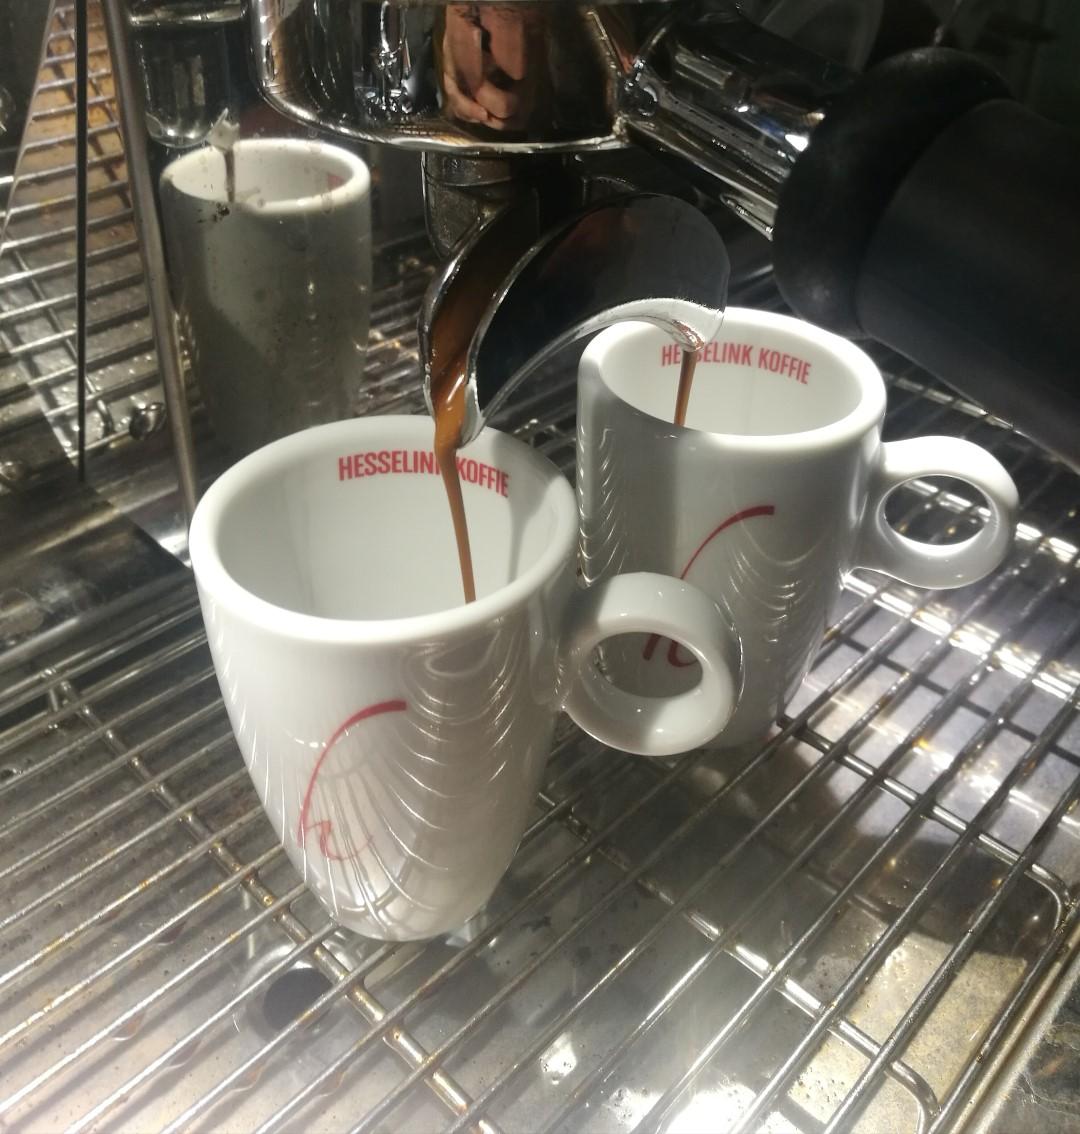 Hesselink Koffie | stadscafé De Pannenkoek